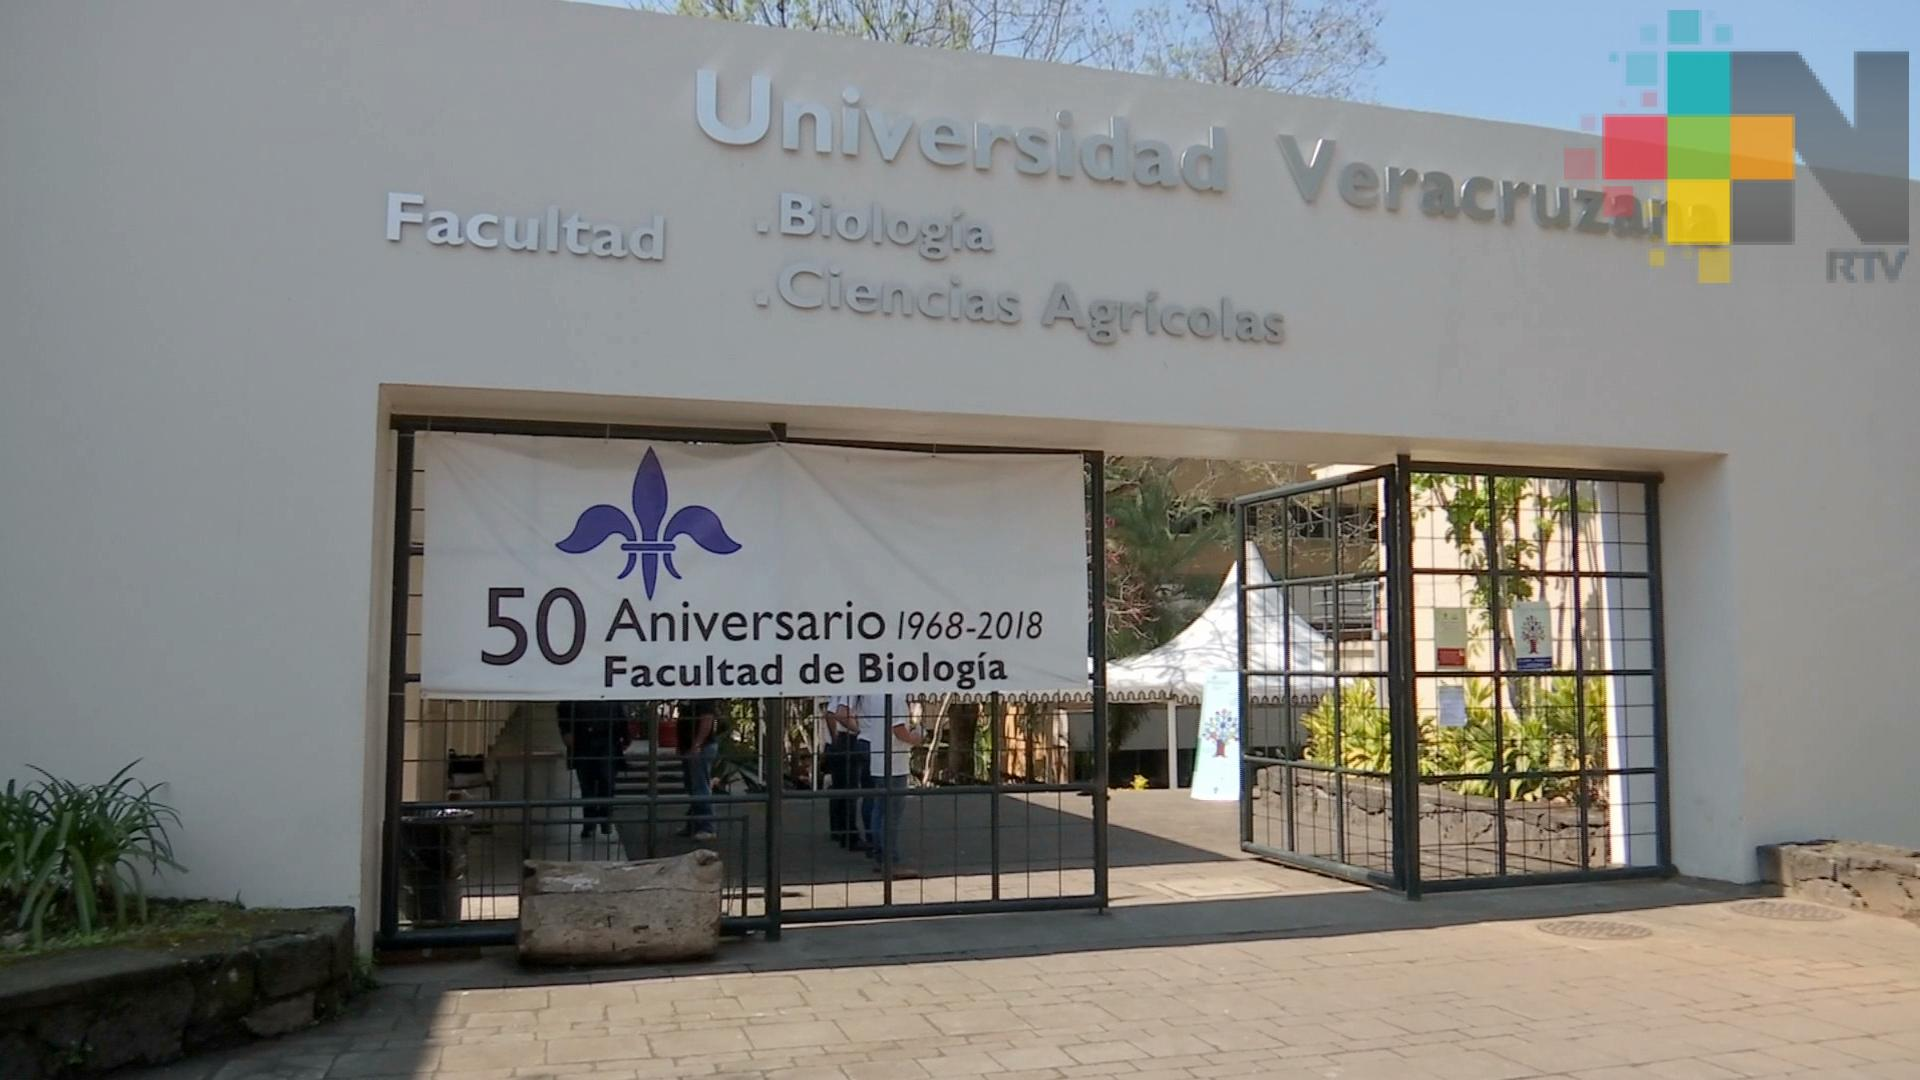 Gran celebración por el 50 aniversario de la Facultad de Biología de la UV